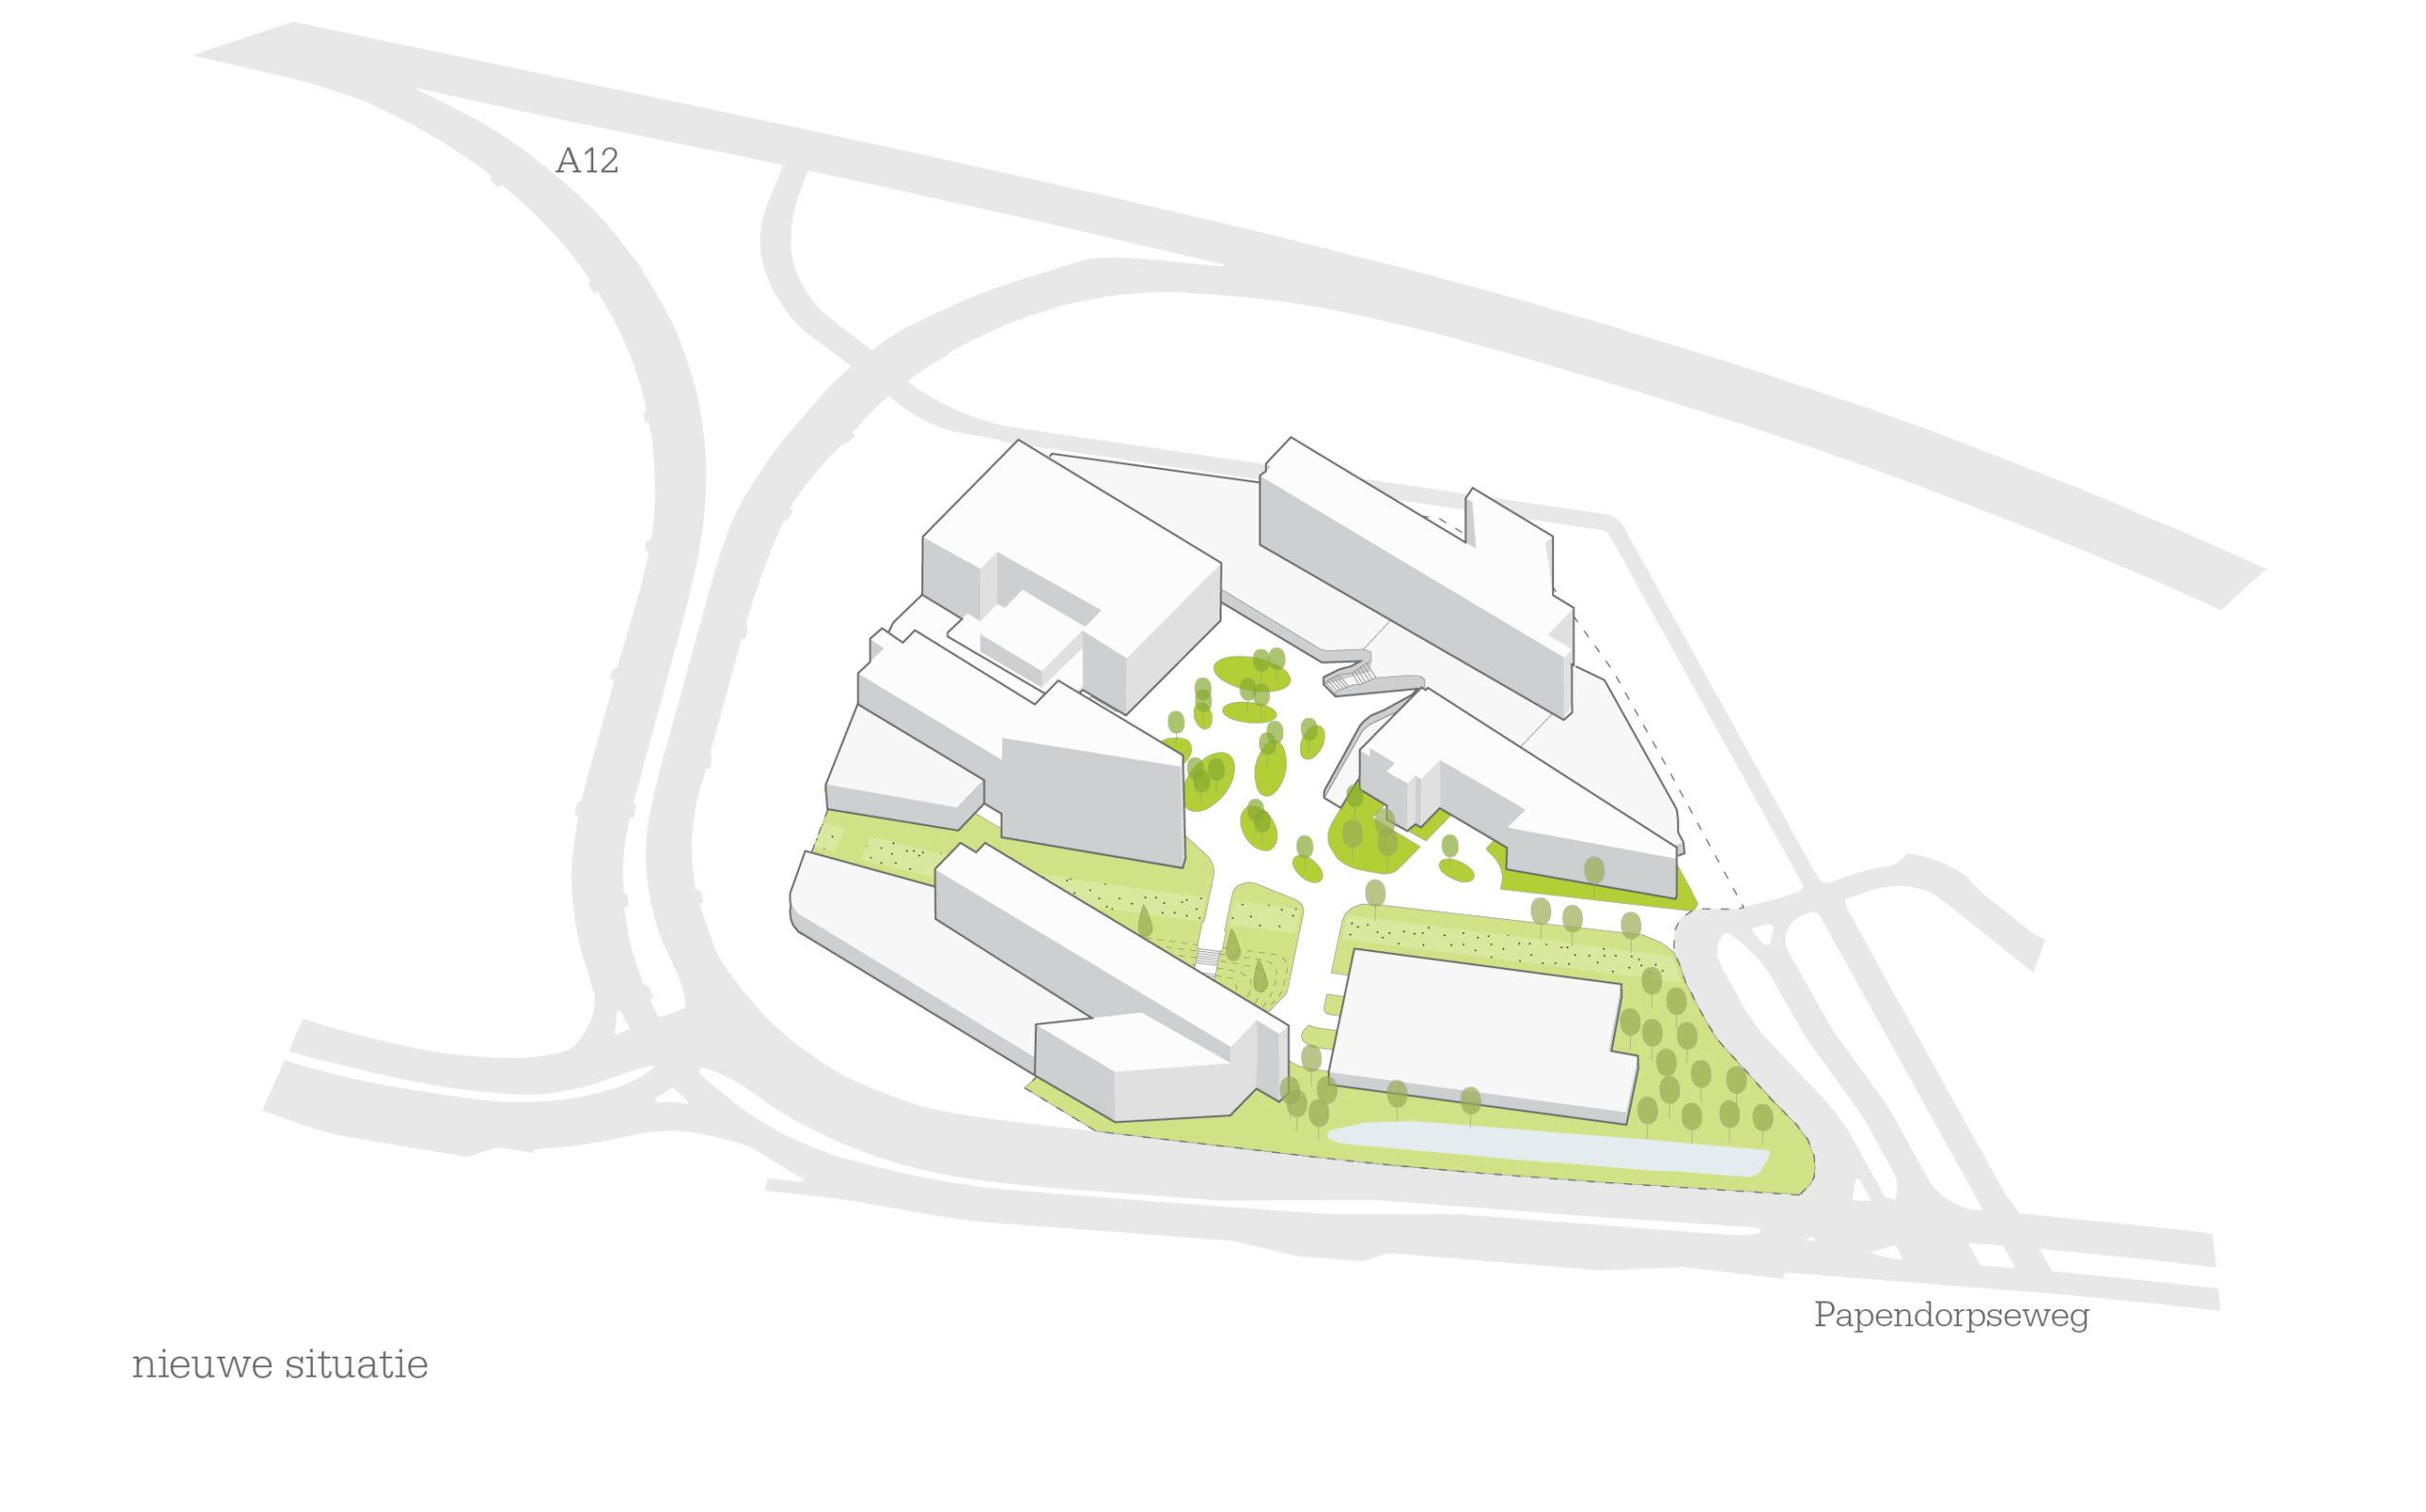 1601-Secoya Campus Utrecht_02-nieuwe situatie